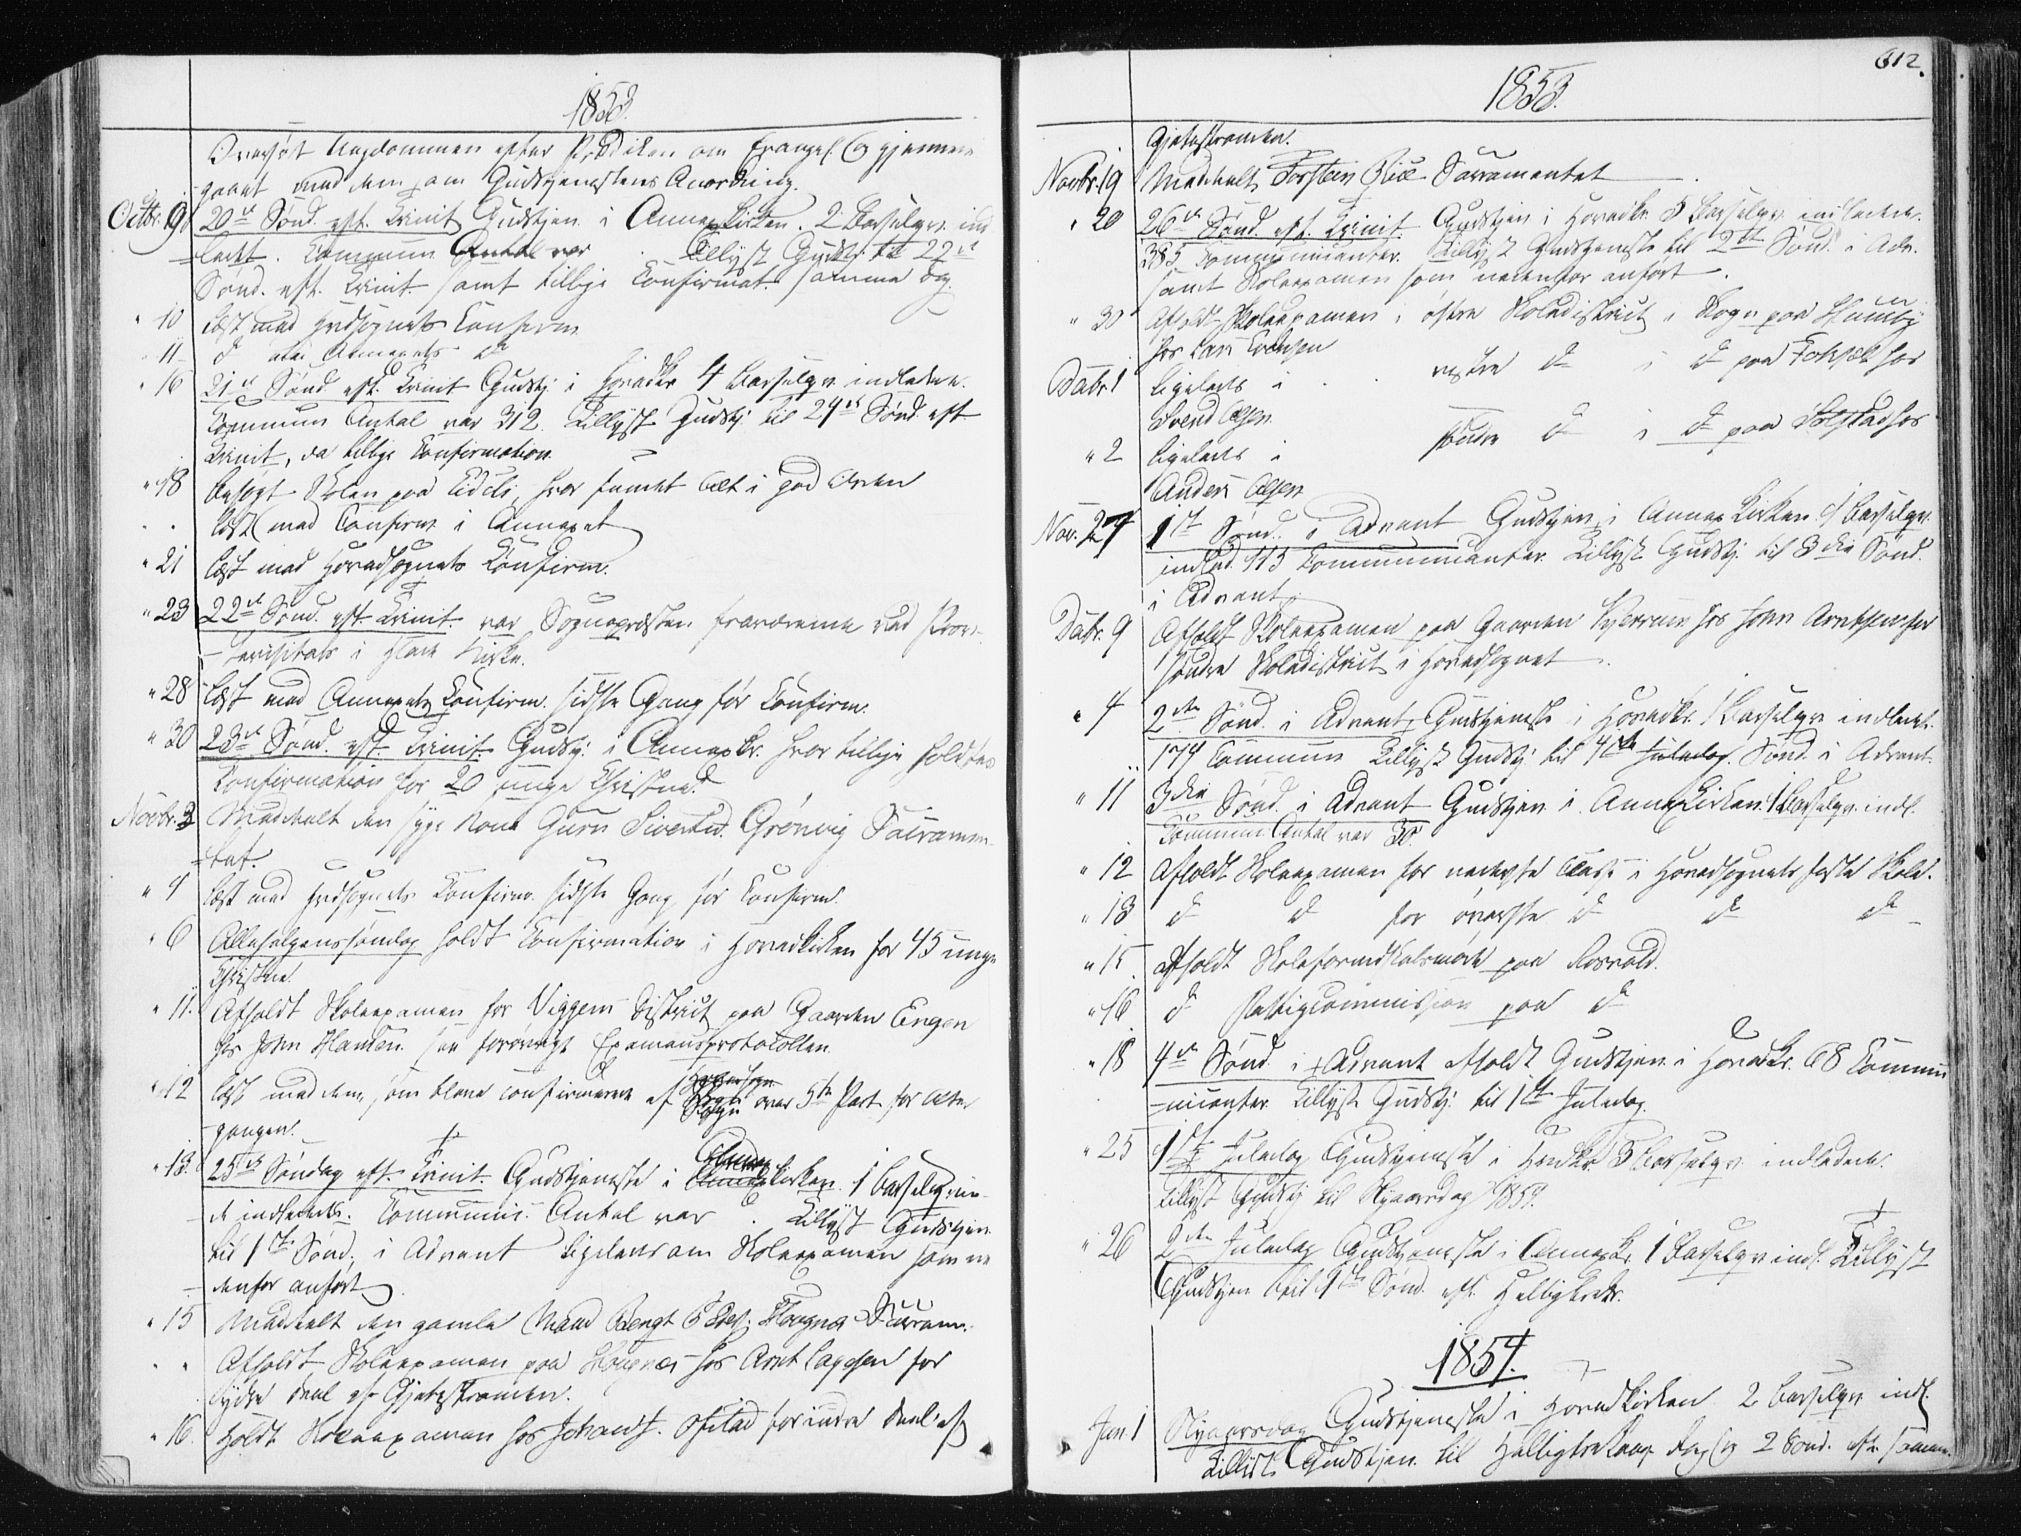 SAT, Ministerialprotokoller, klokkerbøker og fødselsregistre - Sør-Trøndelag, 665/L0771: Ministerialbok nr. 665A06, 1830-1856, s. 612